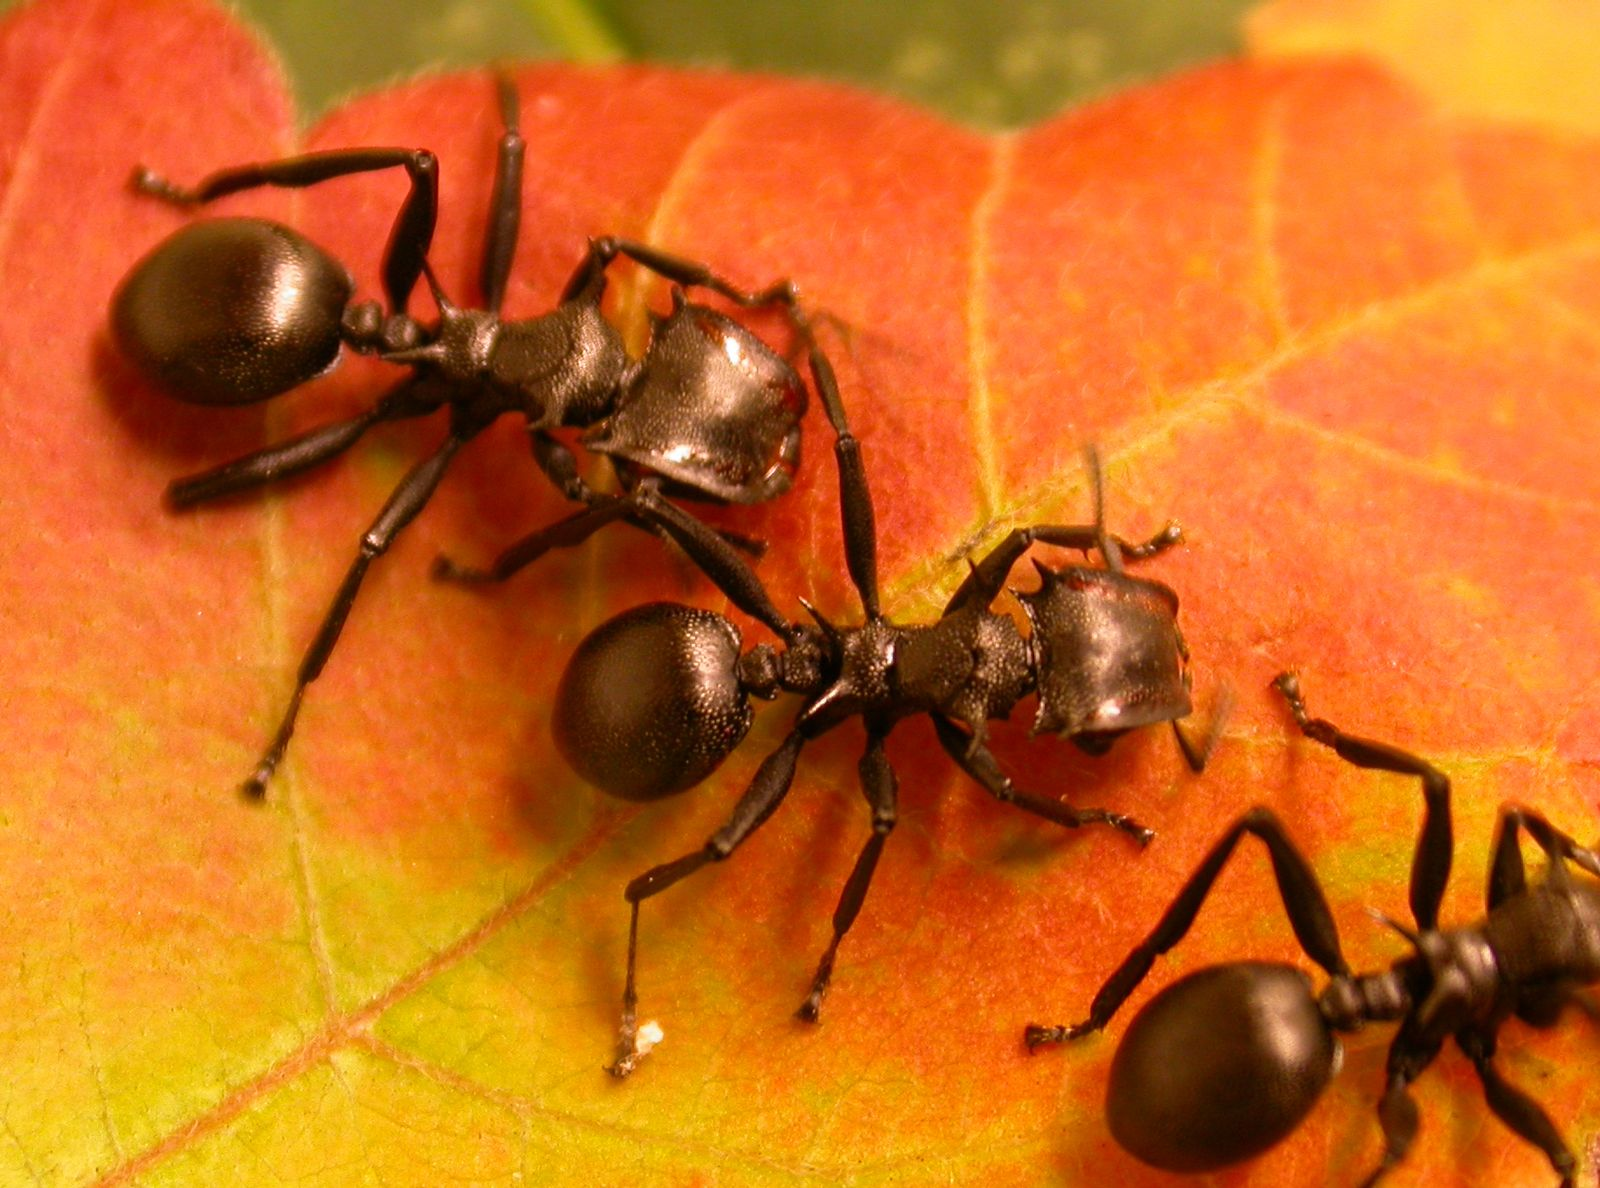 SPERRFRIST 12. NOVEMBER 21:00 UHR / Als Ameisen begannen Pflanzen zu lieben